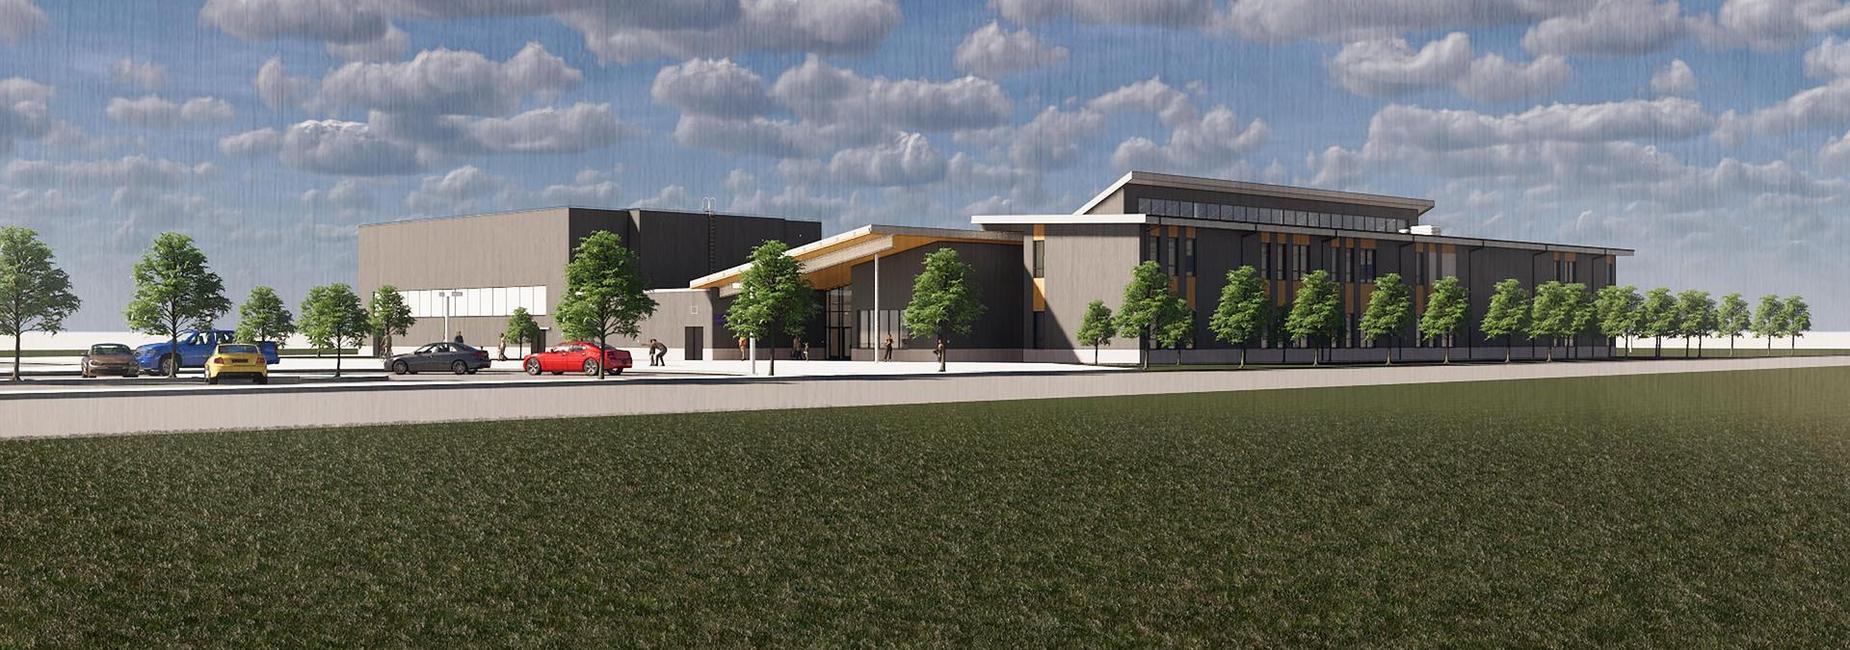 NE rendering of new school